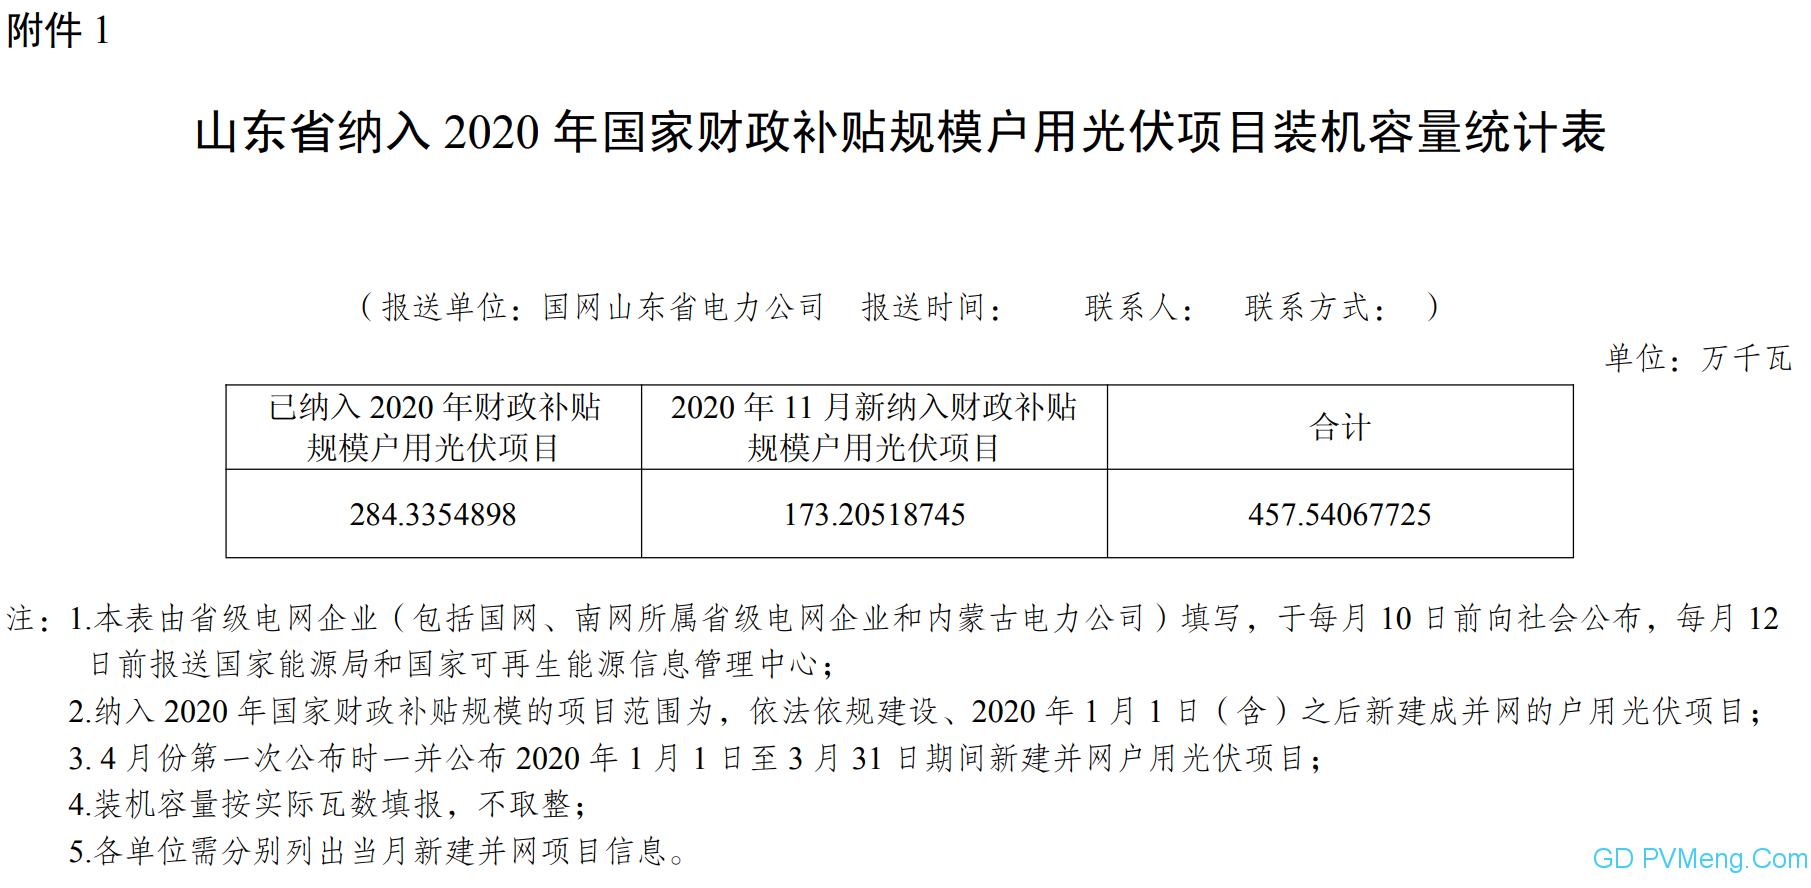 【爆增新纳入1.732GW】11月份山东省纳入2020年国家财政补贴规模户用光伏项目 20201209